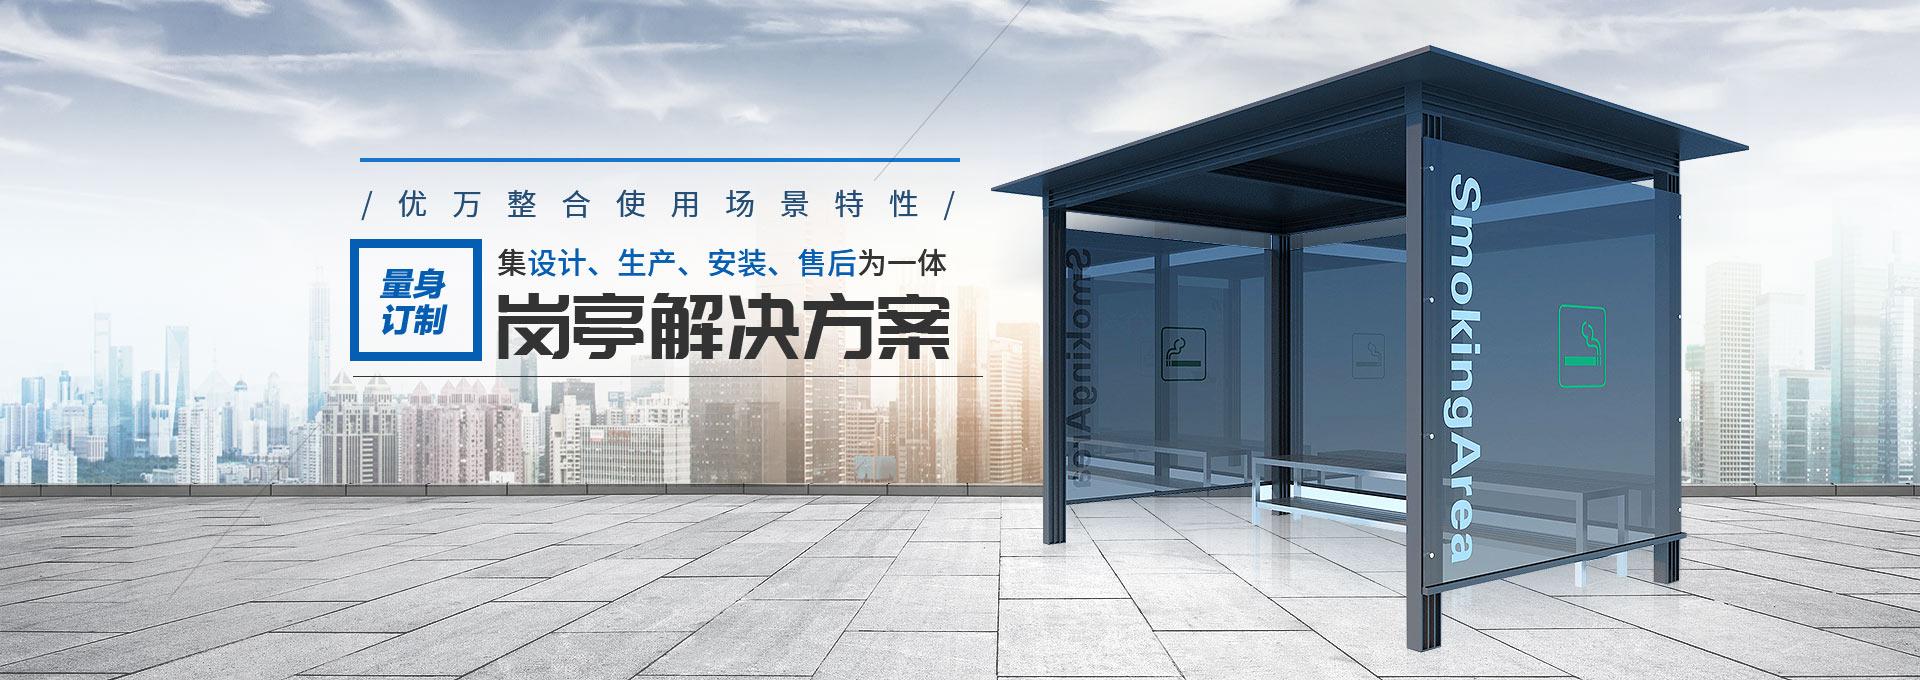 千亿集设计、生产、安装、售后为一体定制岗亭解决方案